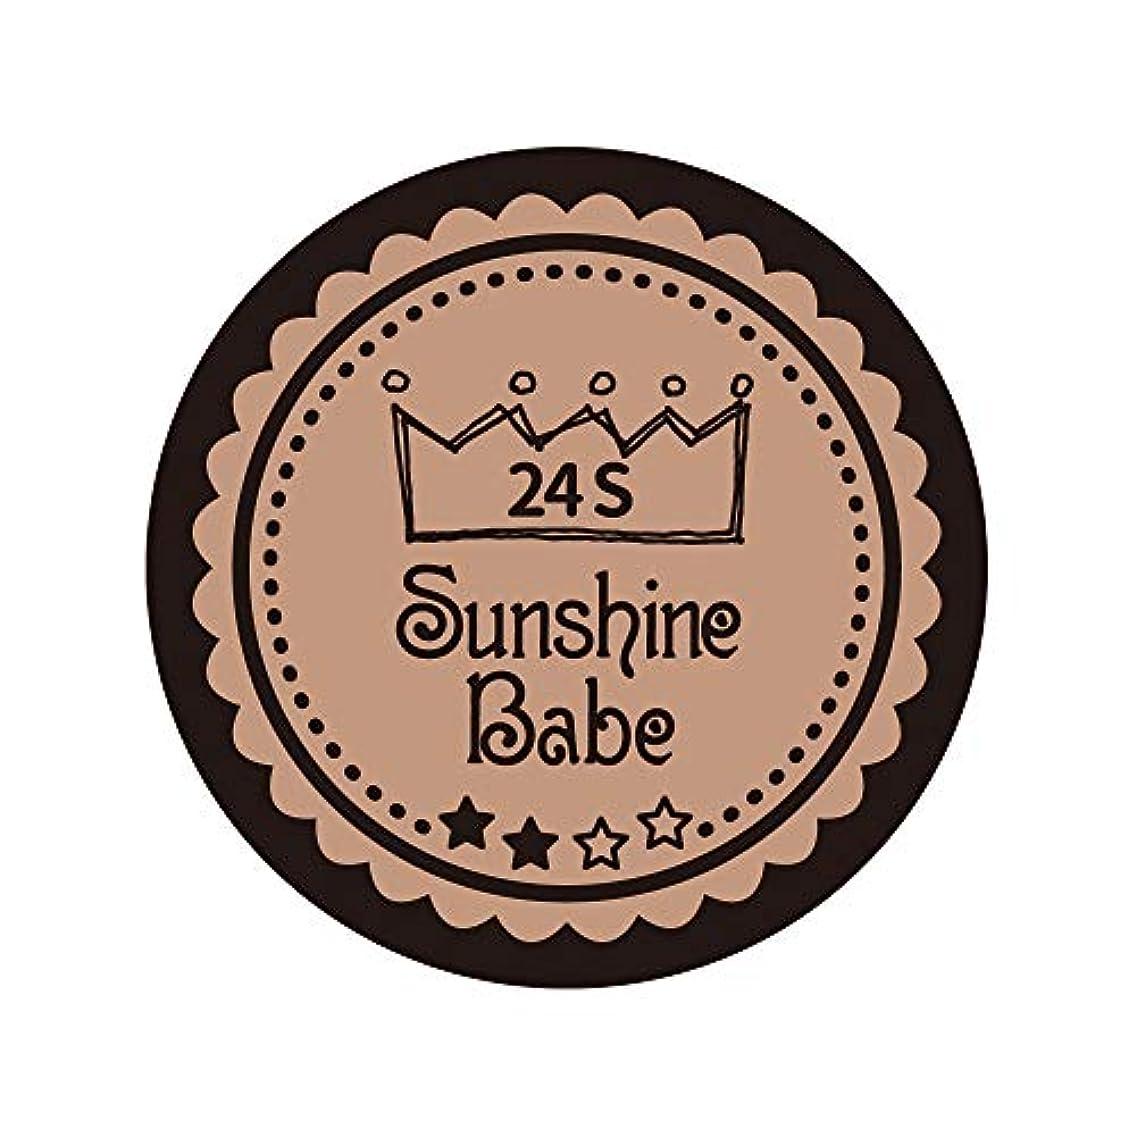 評価ペスト冷酷なSunshine Babe カラージェル 24S ベージュローゼ 2.7g UV/LED対応